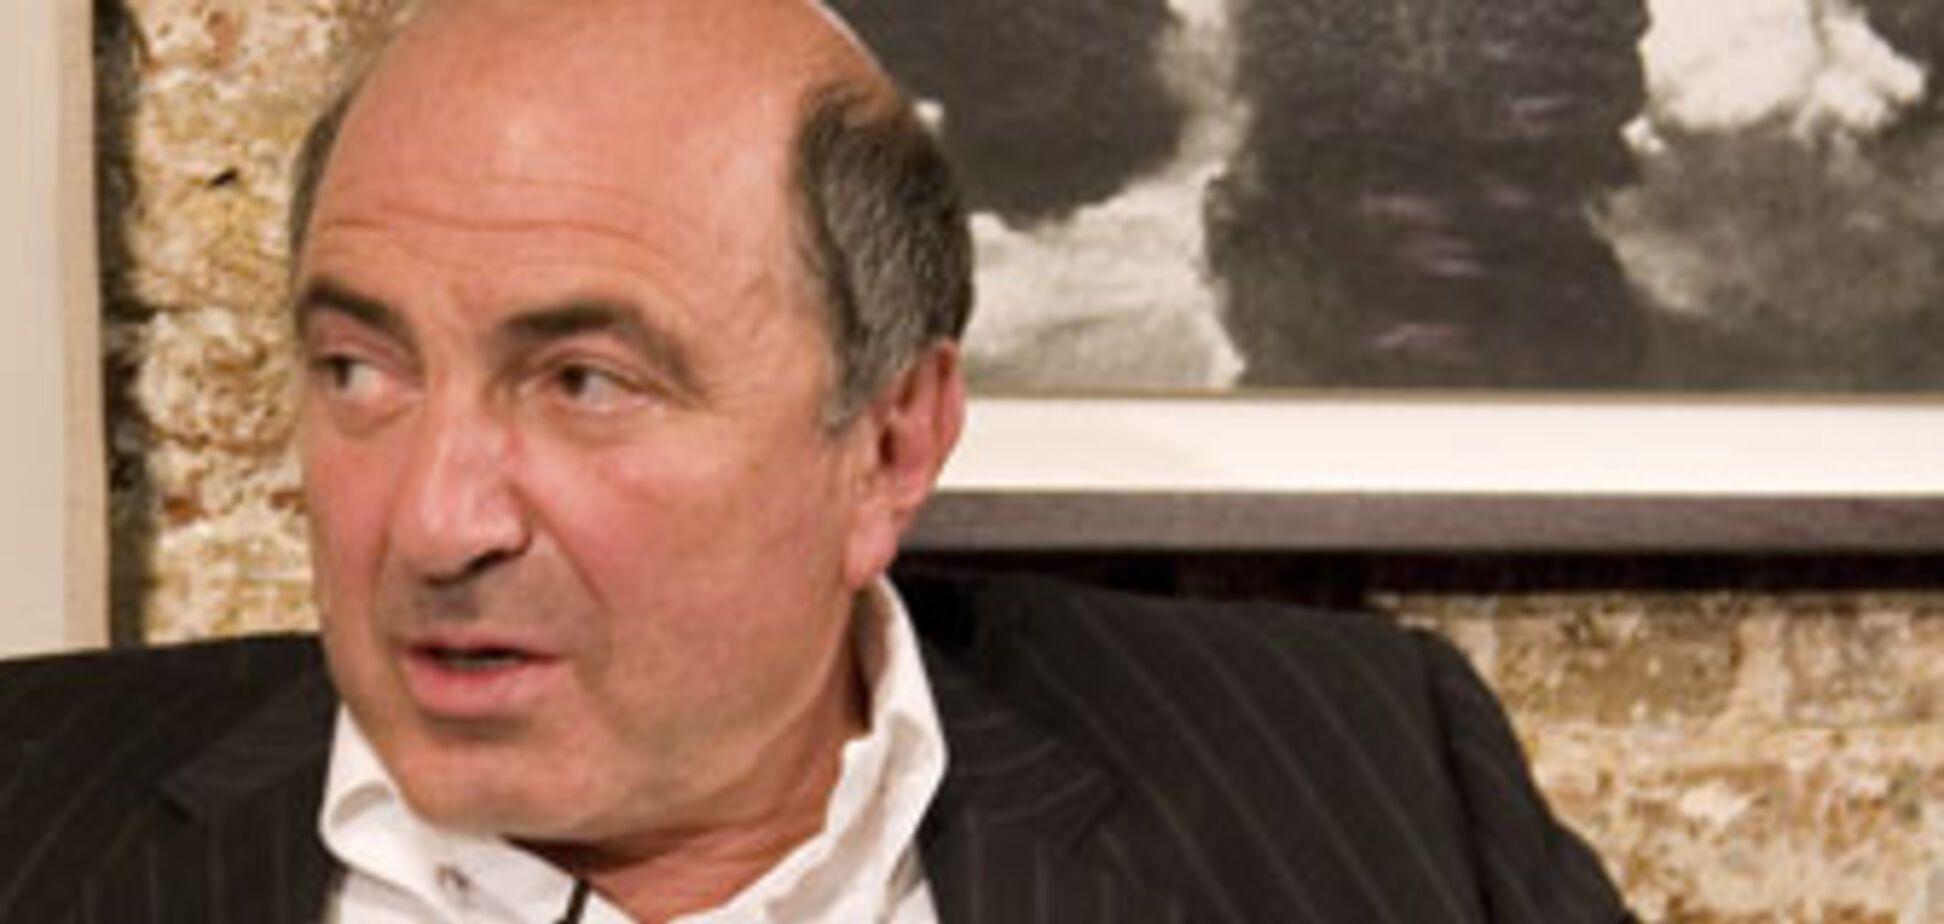 Березовський зізнався, що зустрічався з грузинами